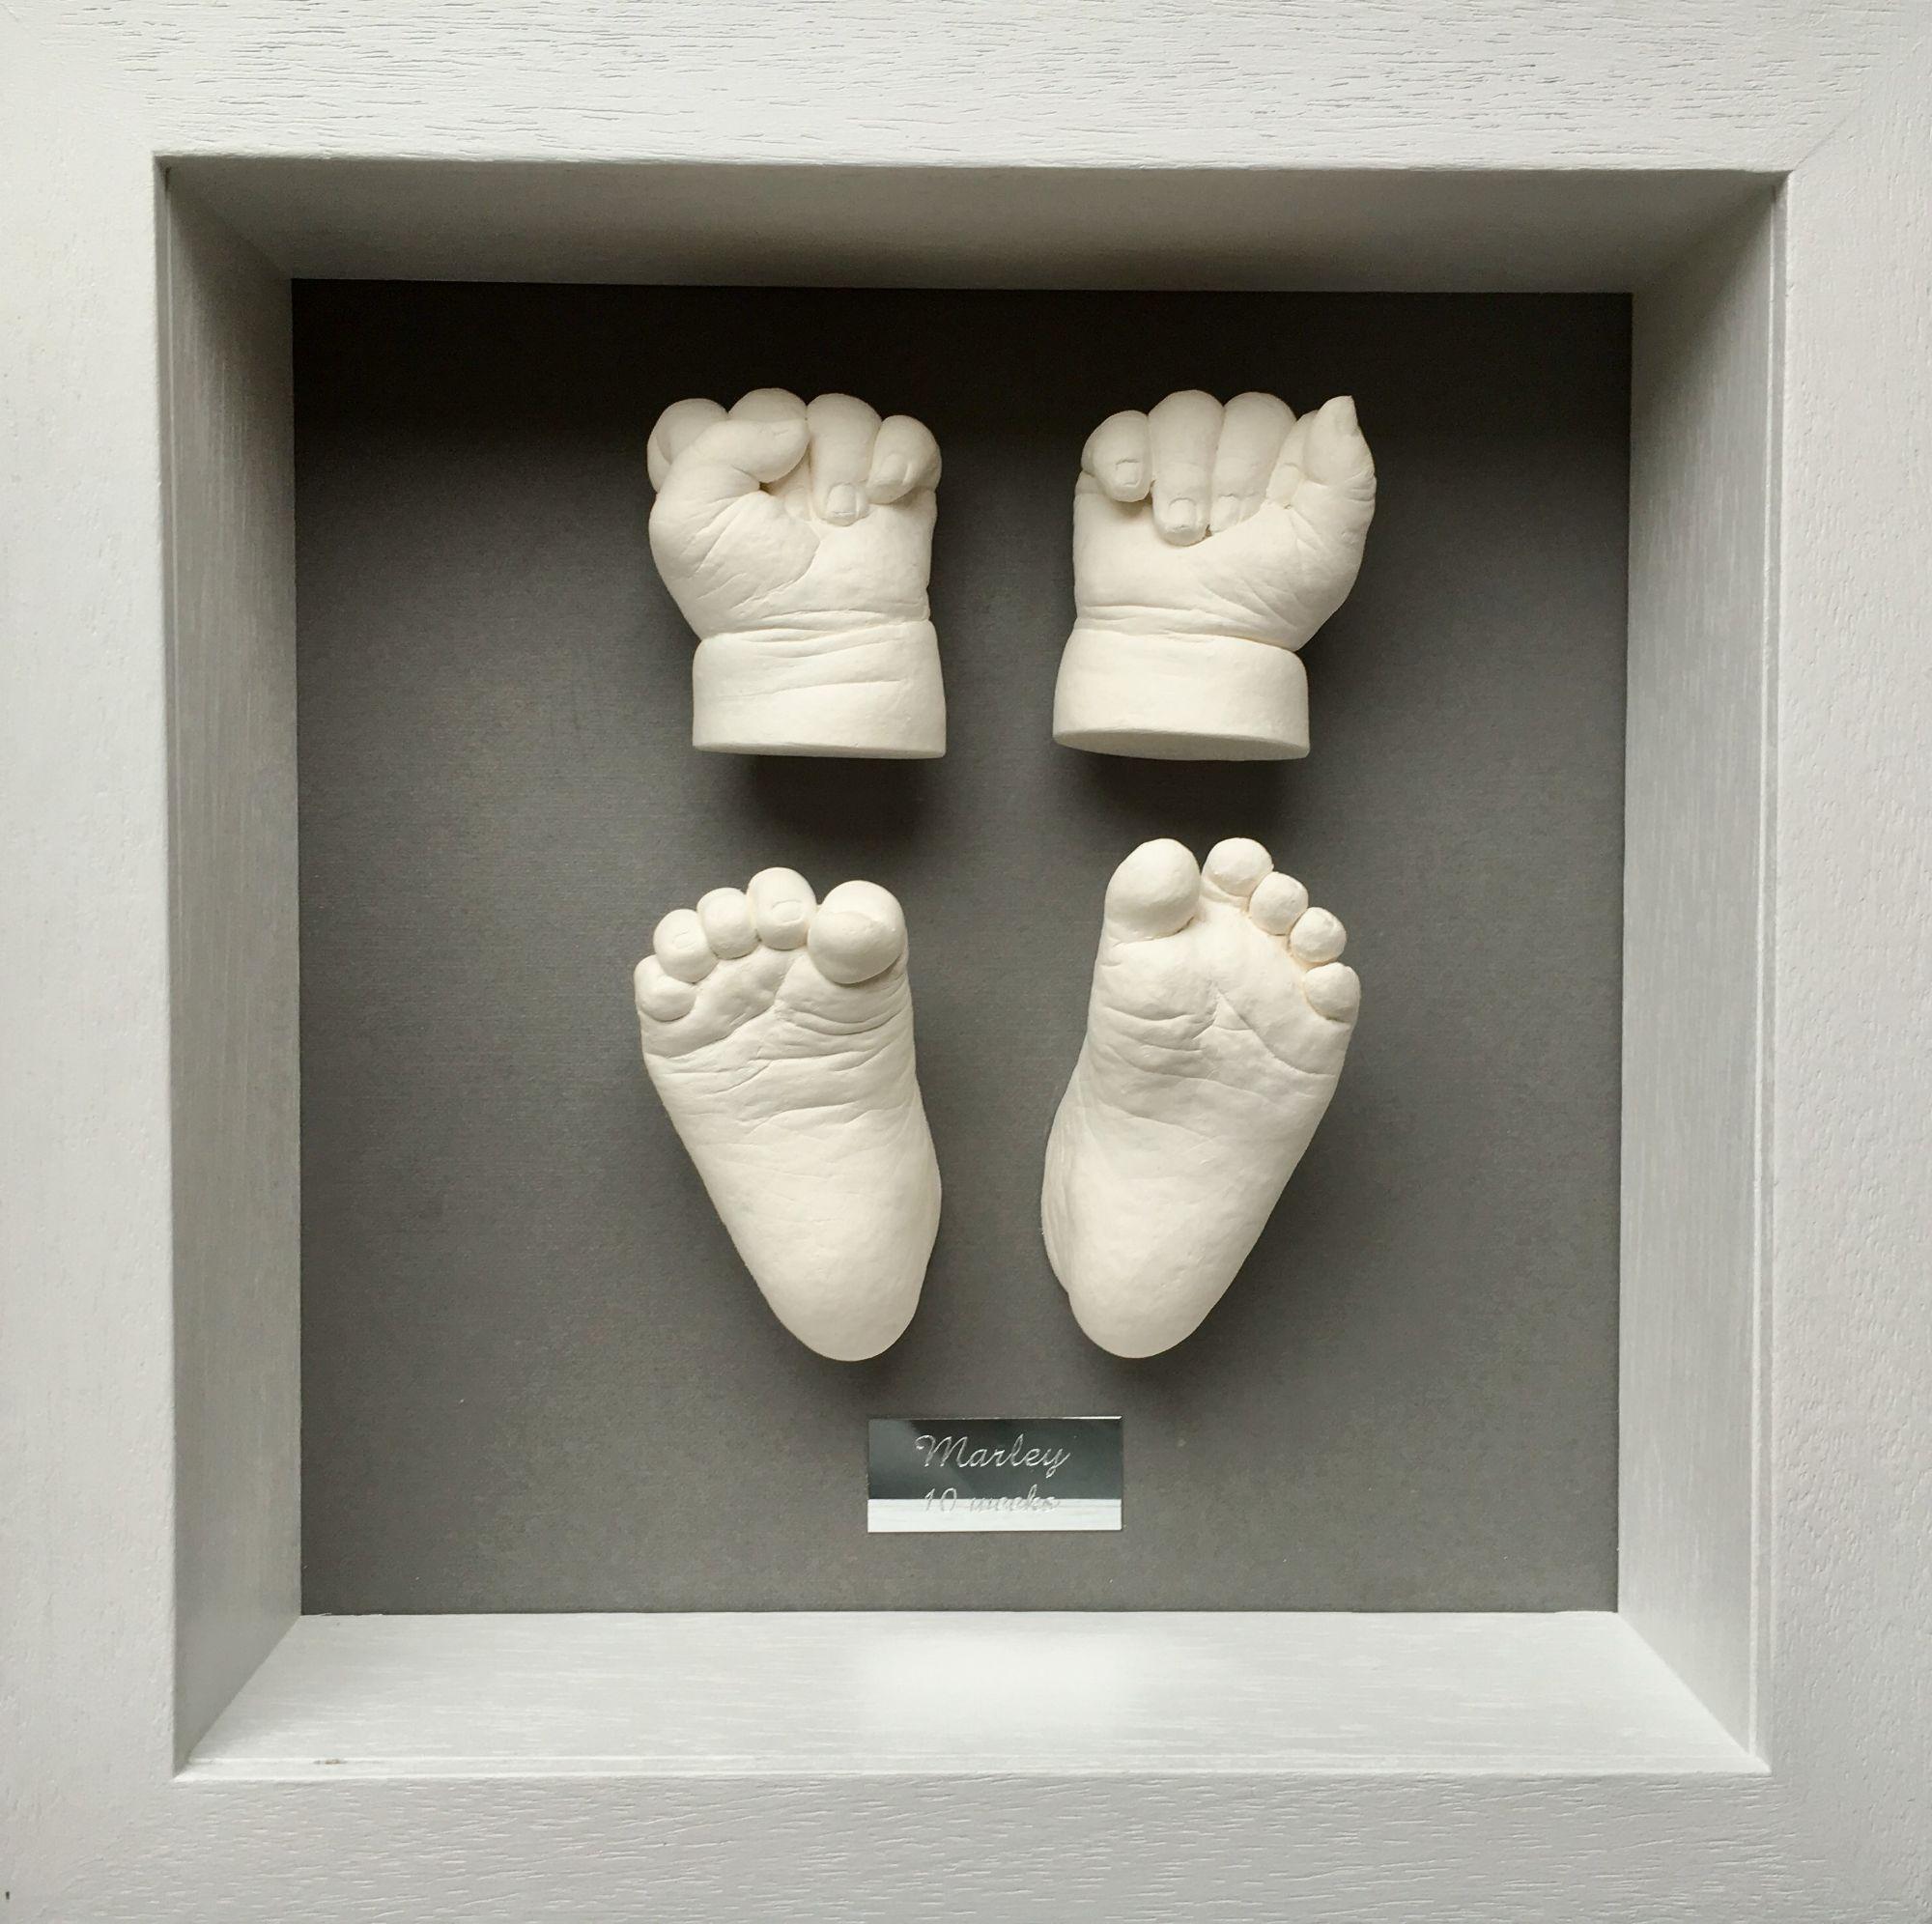 plaster hands and feet framed